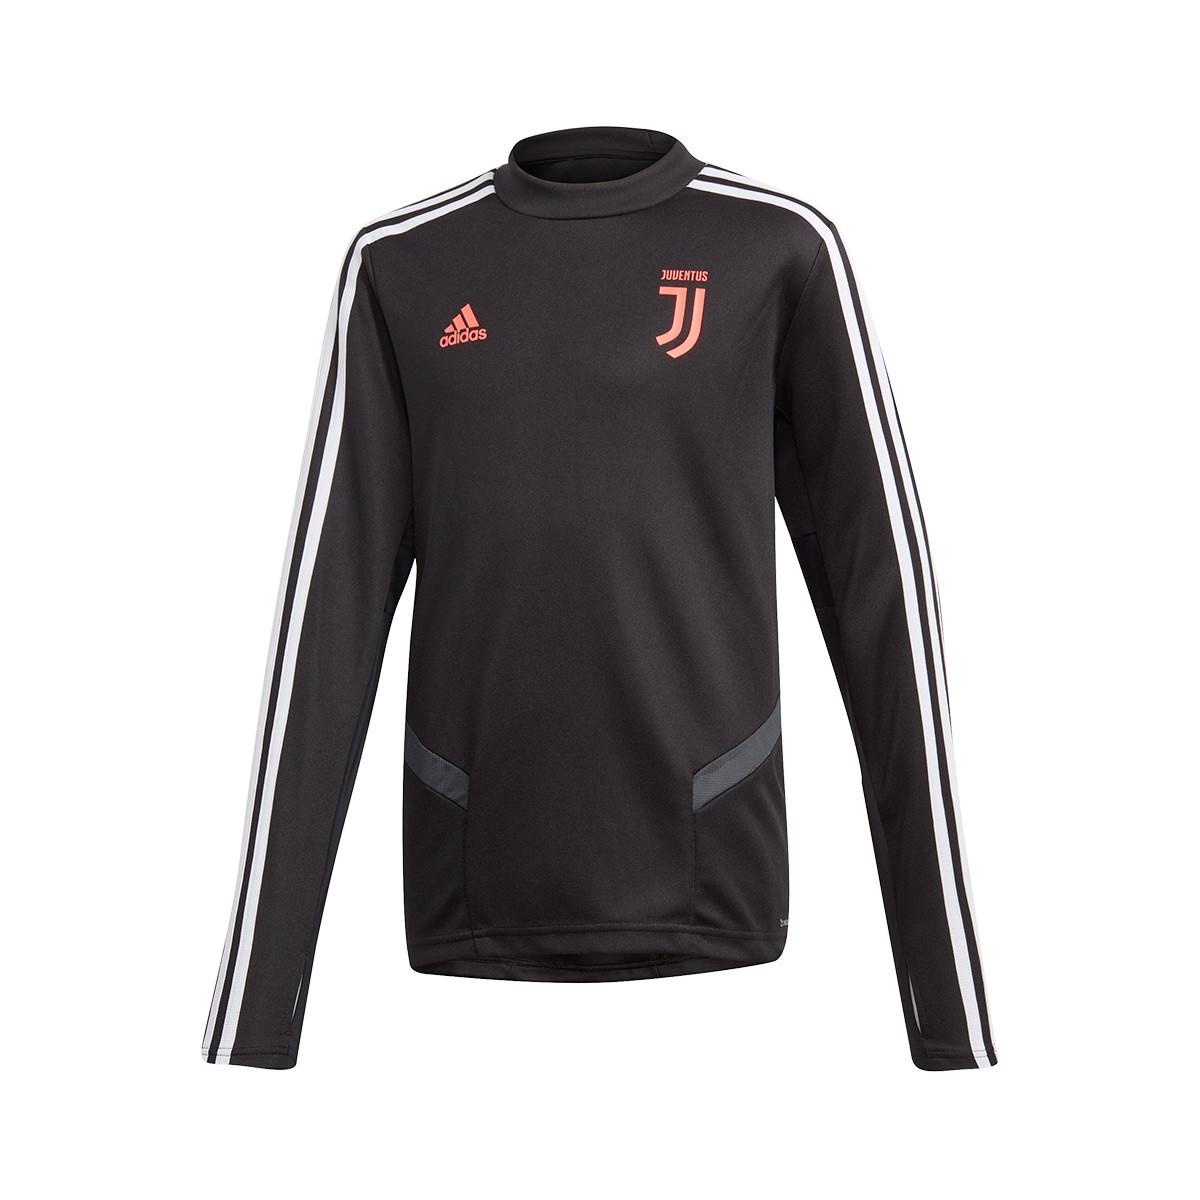 guardarropa Trascender Desviación  Sudadera adidas Juventus Training Top 2019-2020 Niño Black-Dark grey -  Tienda de fútbol Fútbol Emotion